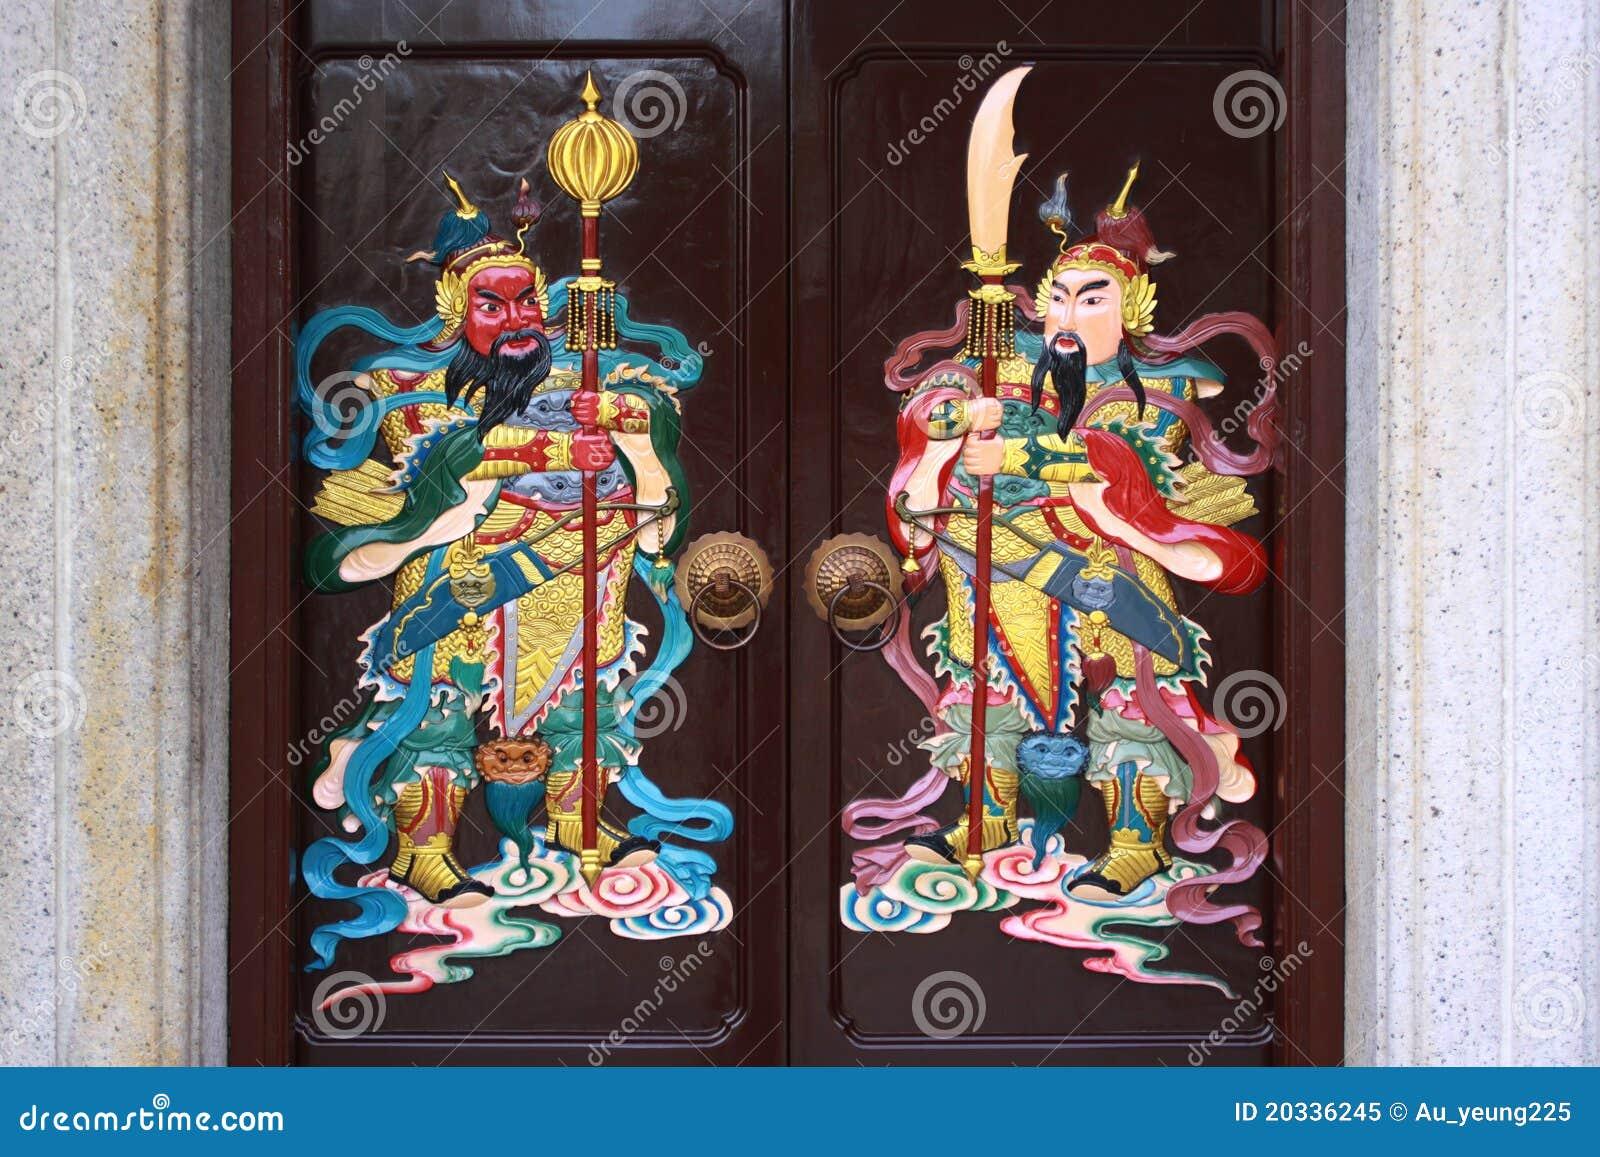 house door design free download  | 957 x 1300